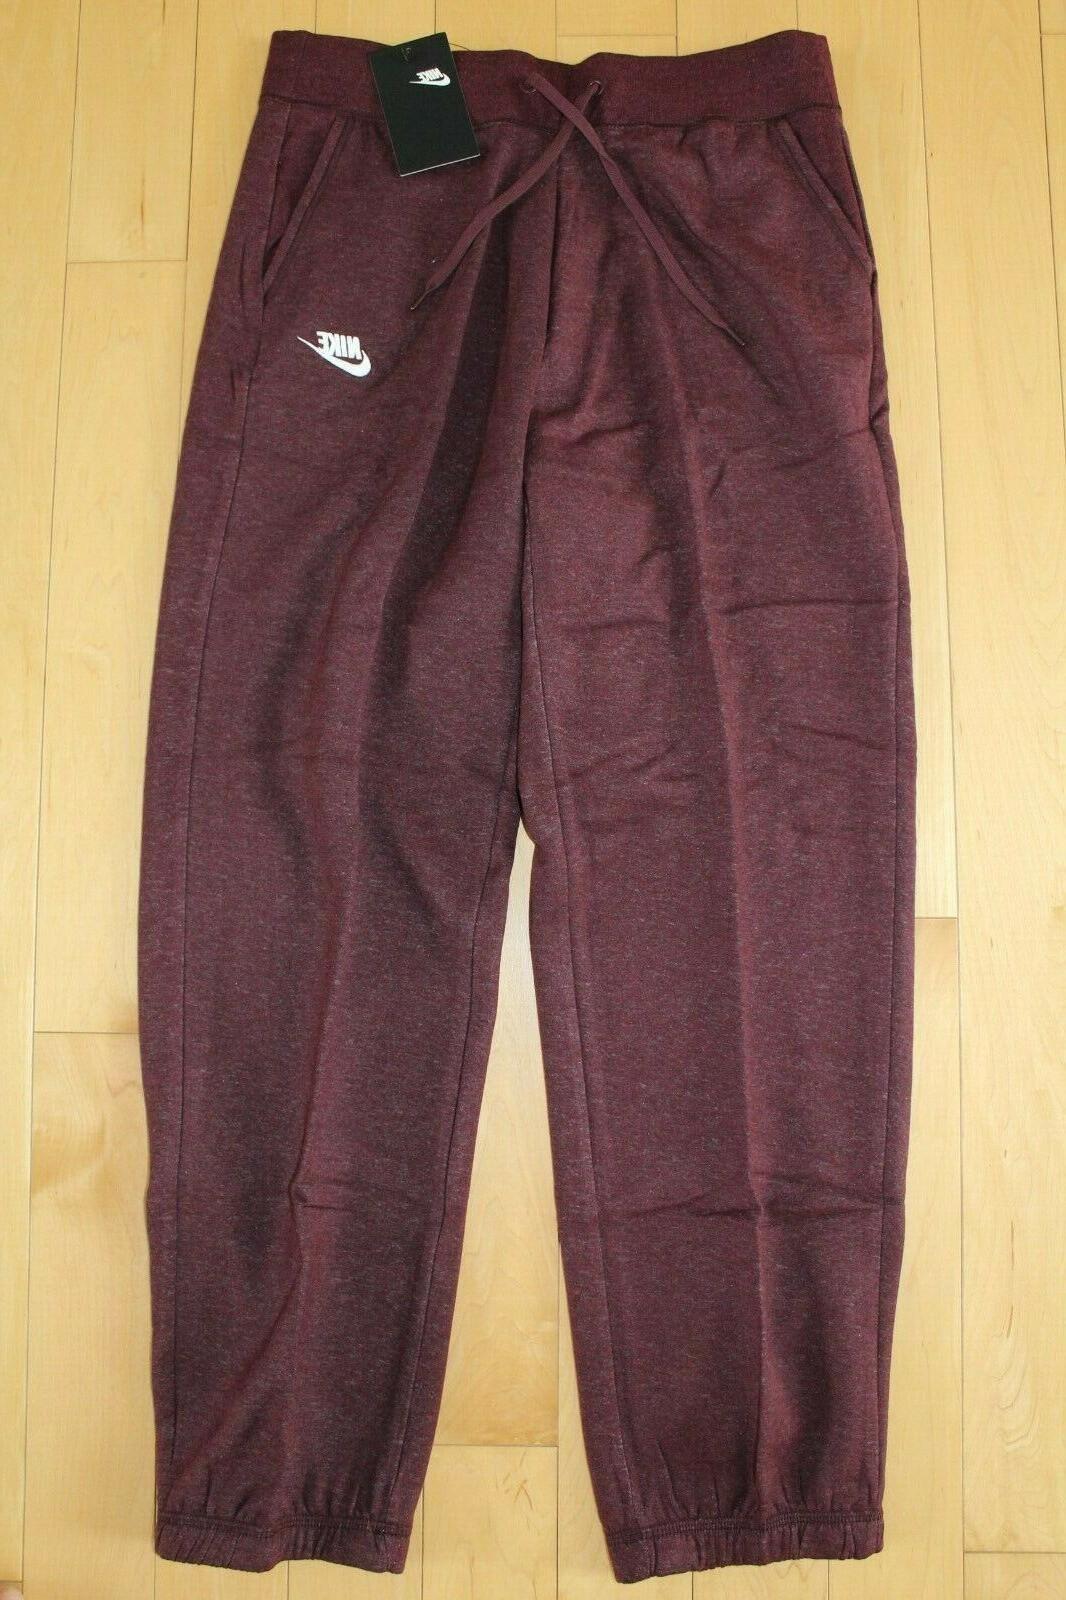 NWT NIKE Sportswear Sweatpants M XXL